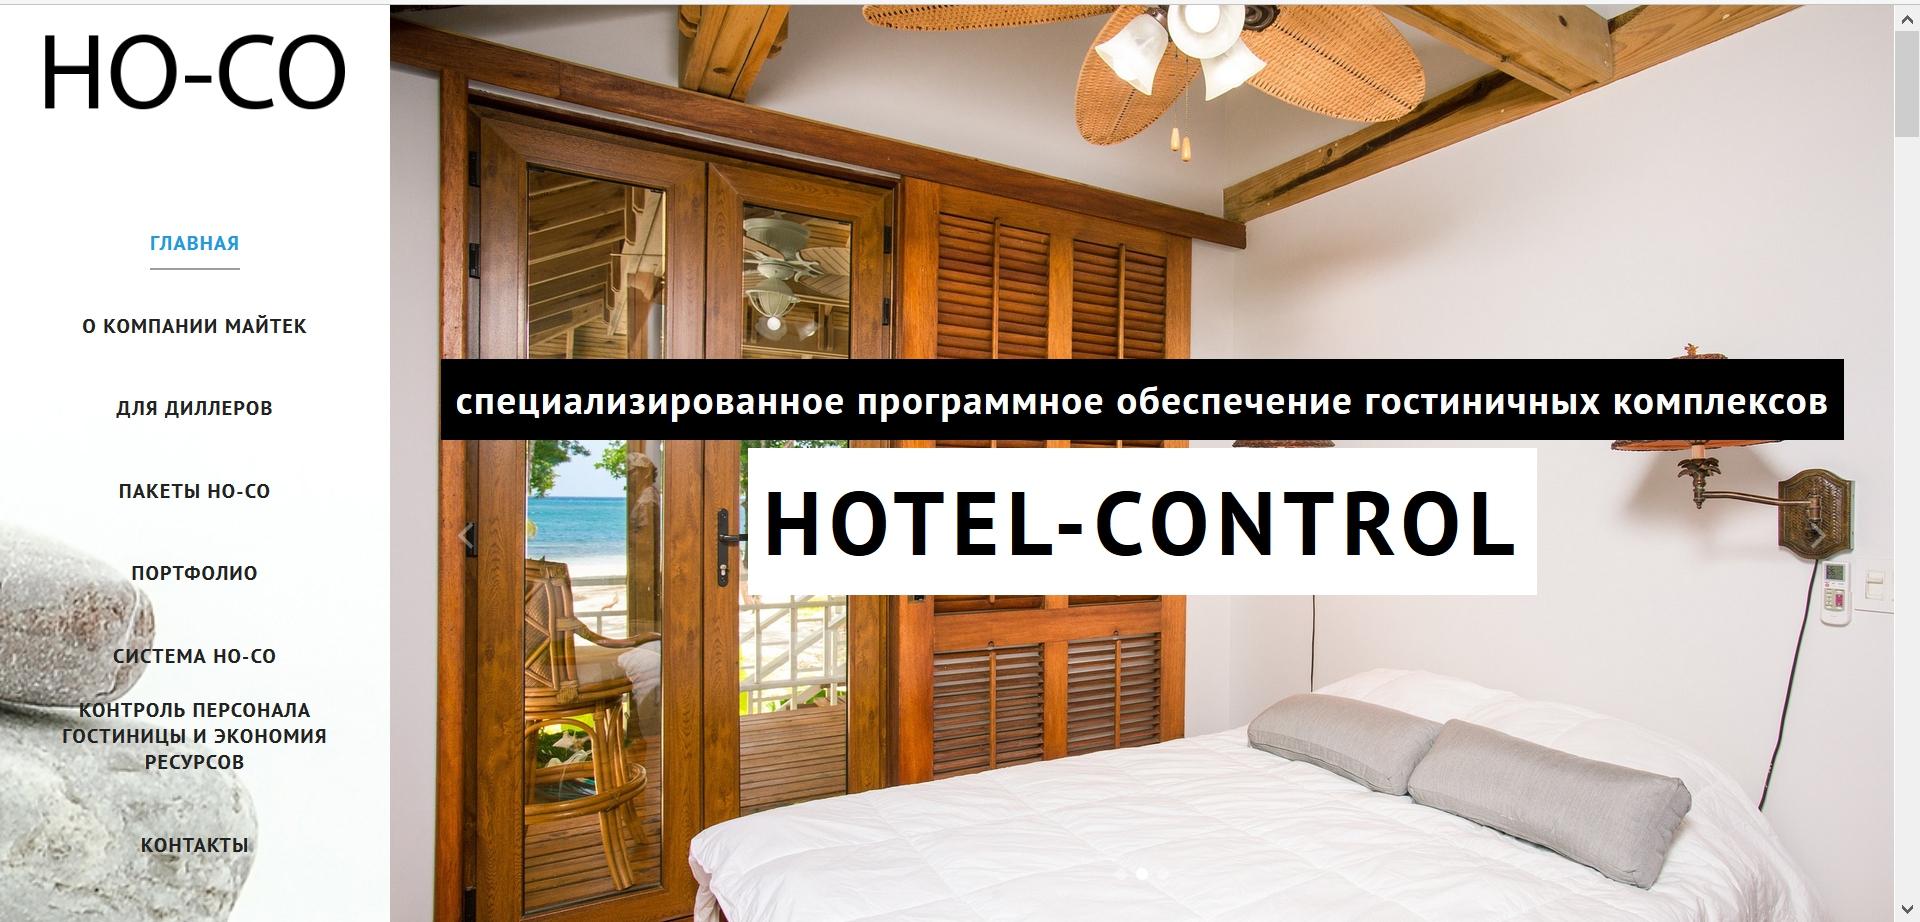 Проект ho-co — Программное обеспечение для гостиниц